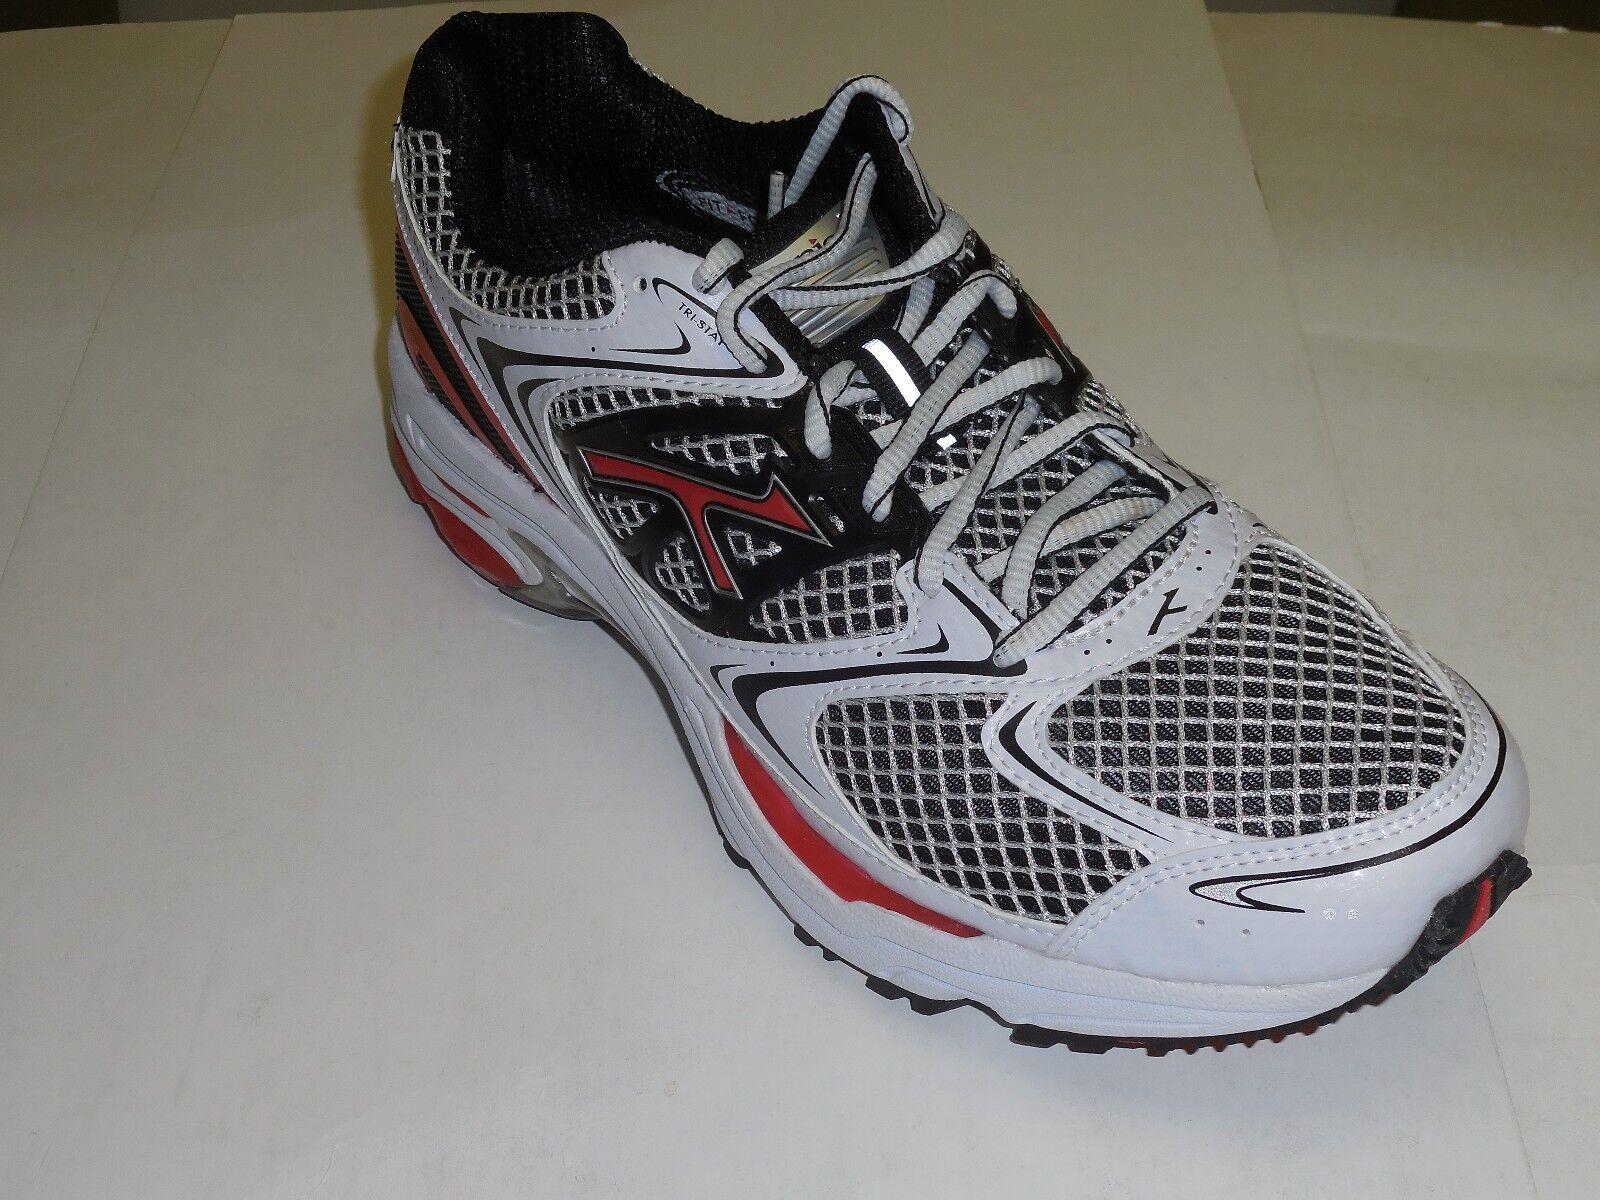 Etonic Uomo DRP Evolution bianca Blk rosso Professional Professional Professional  Running scarpe da ginnastica 8-13 us 03be9a